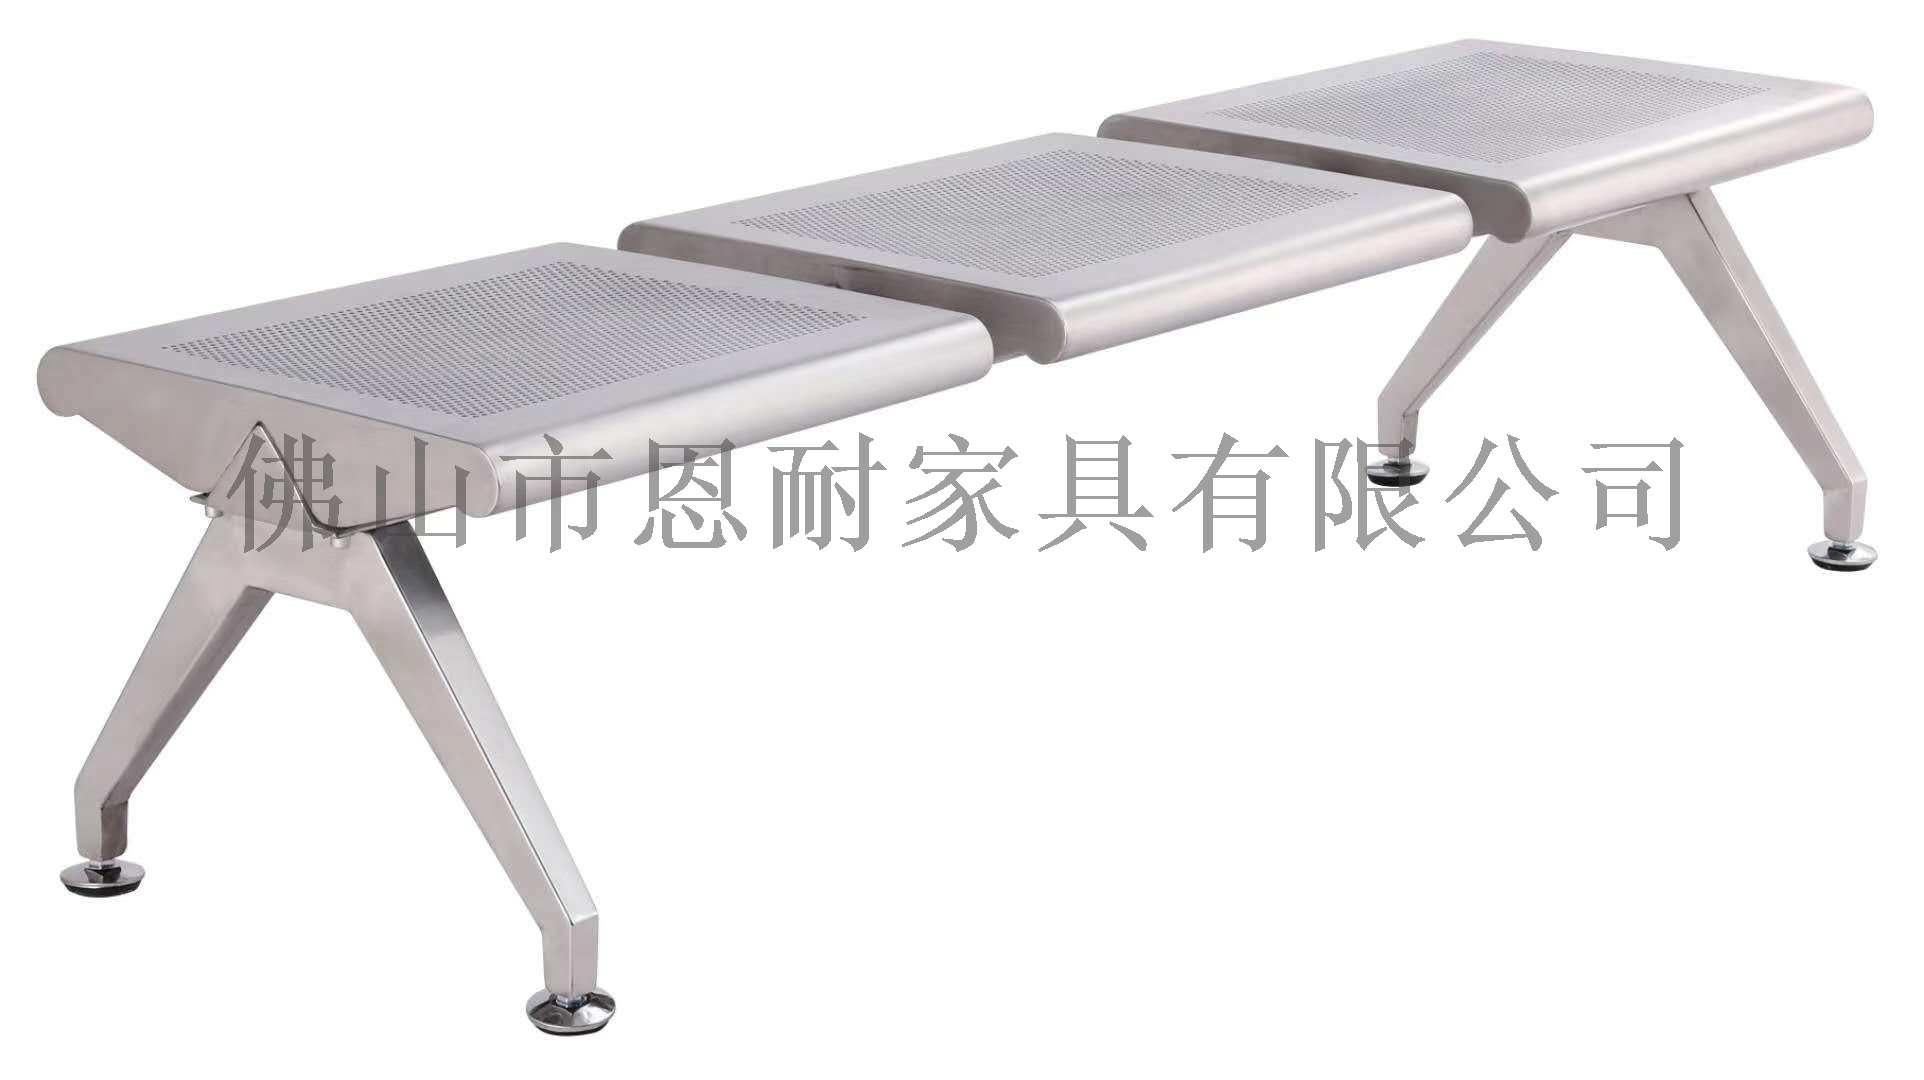 不锈钢排椅厂家 不锈钢平板椅 不锈钢监盘椅146124665